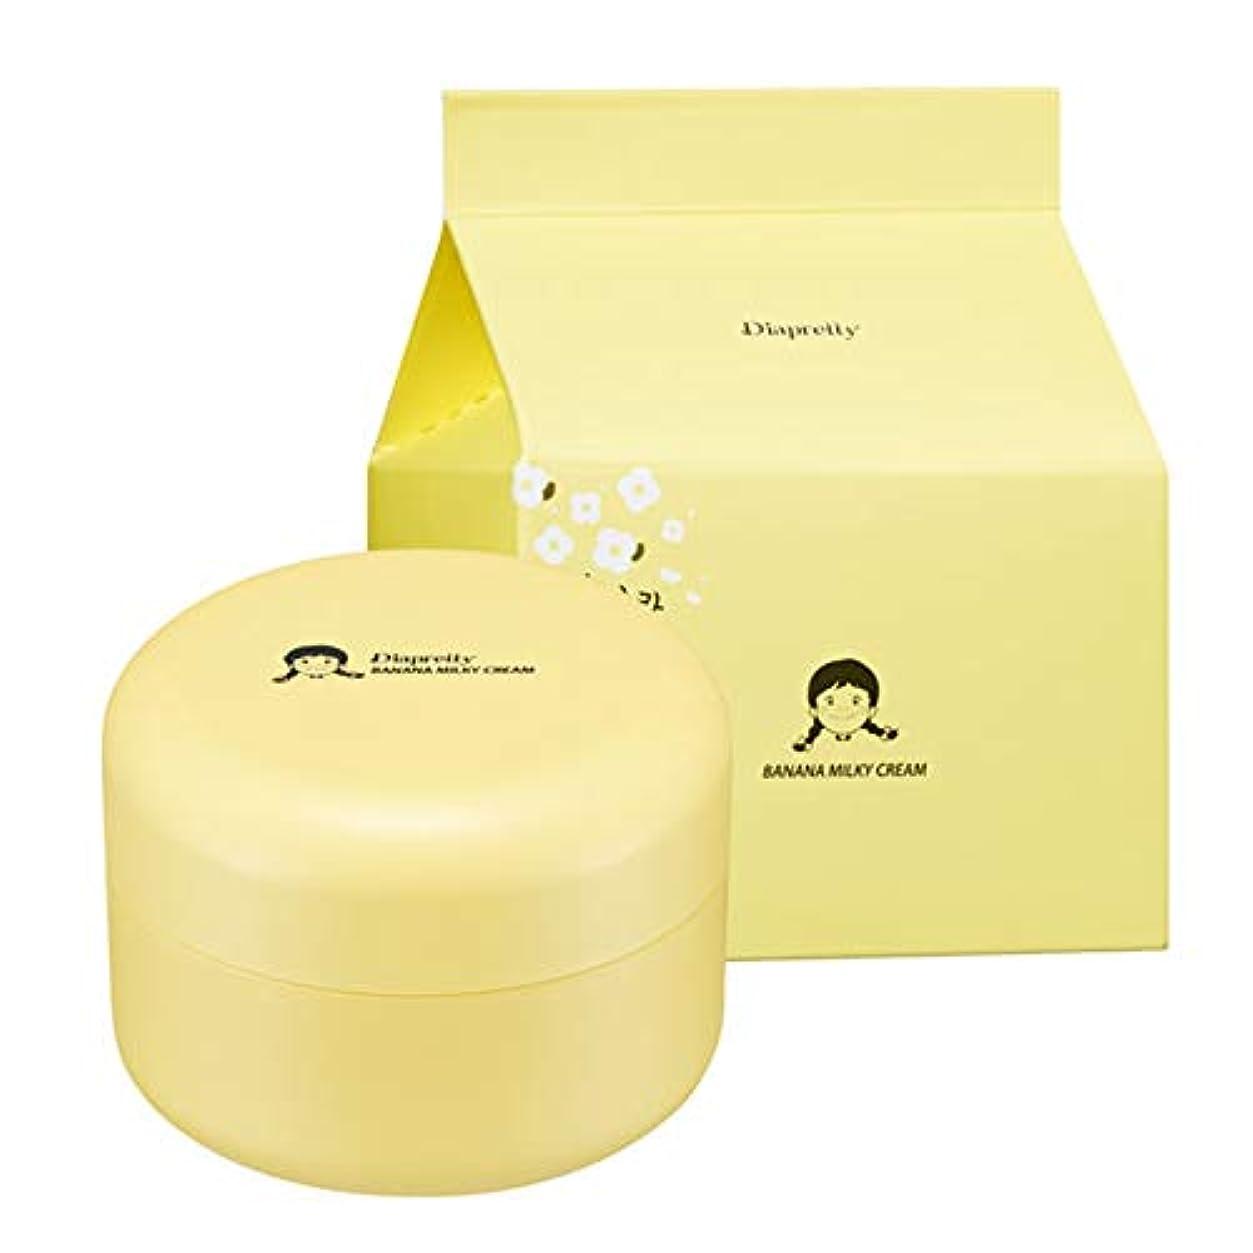 [ダイアプリティ] バナナ ミルキークリーム 50ml, [Diapretty]Banana Milky Cream 50ml